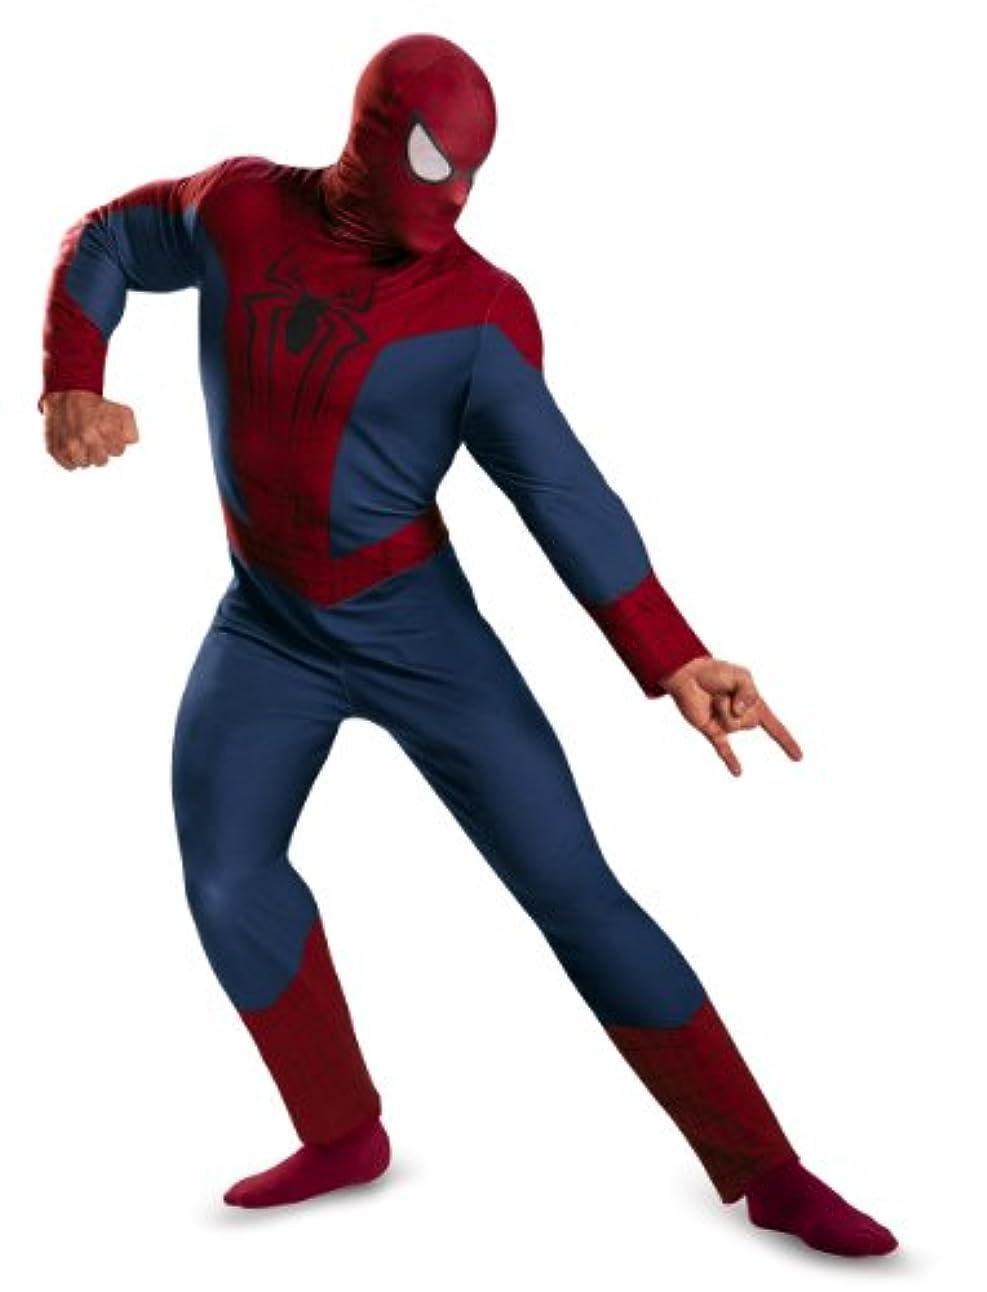 葡萄息苦しい観察するディスガイズ DISGUISE スパイダーマン コスプレ 衣装 スパイダーマン 大人用 マーベル コスプレ コスチューム?衣装 サイズ XXL